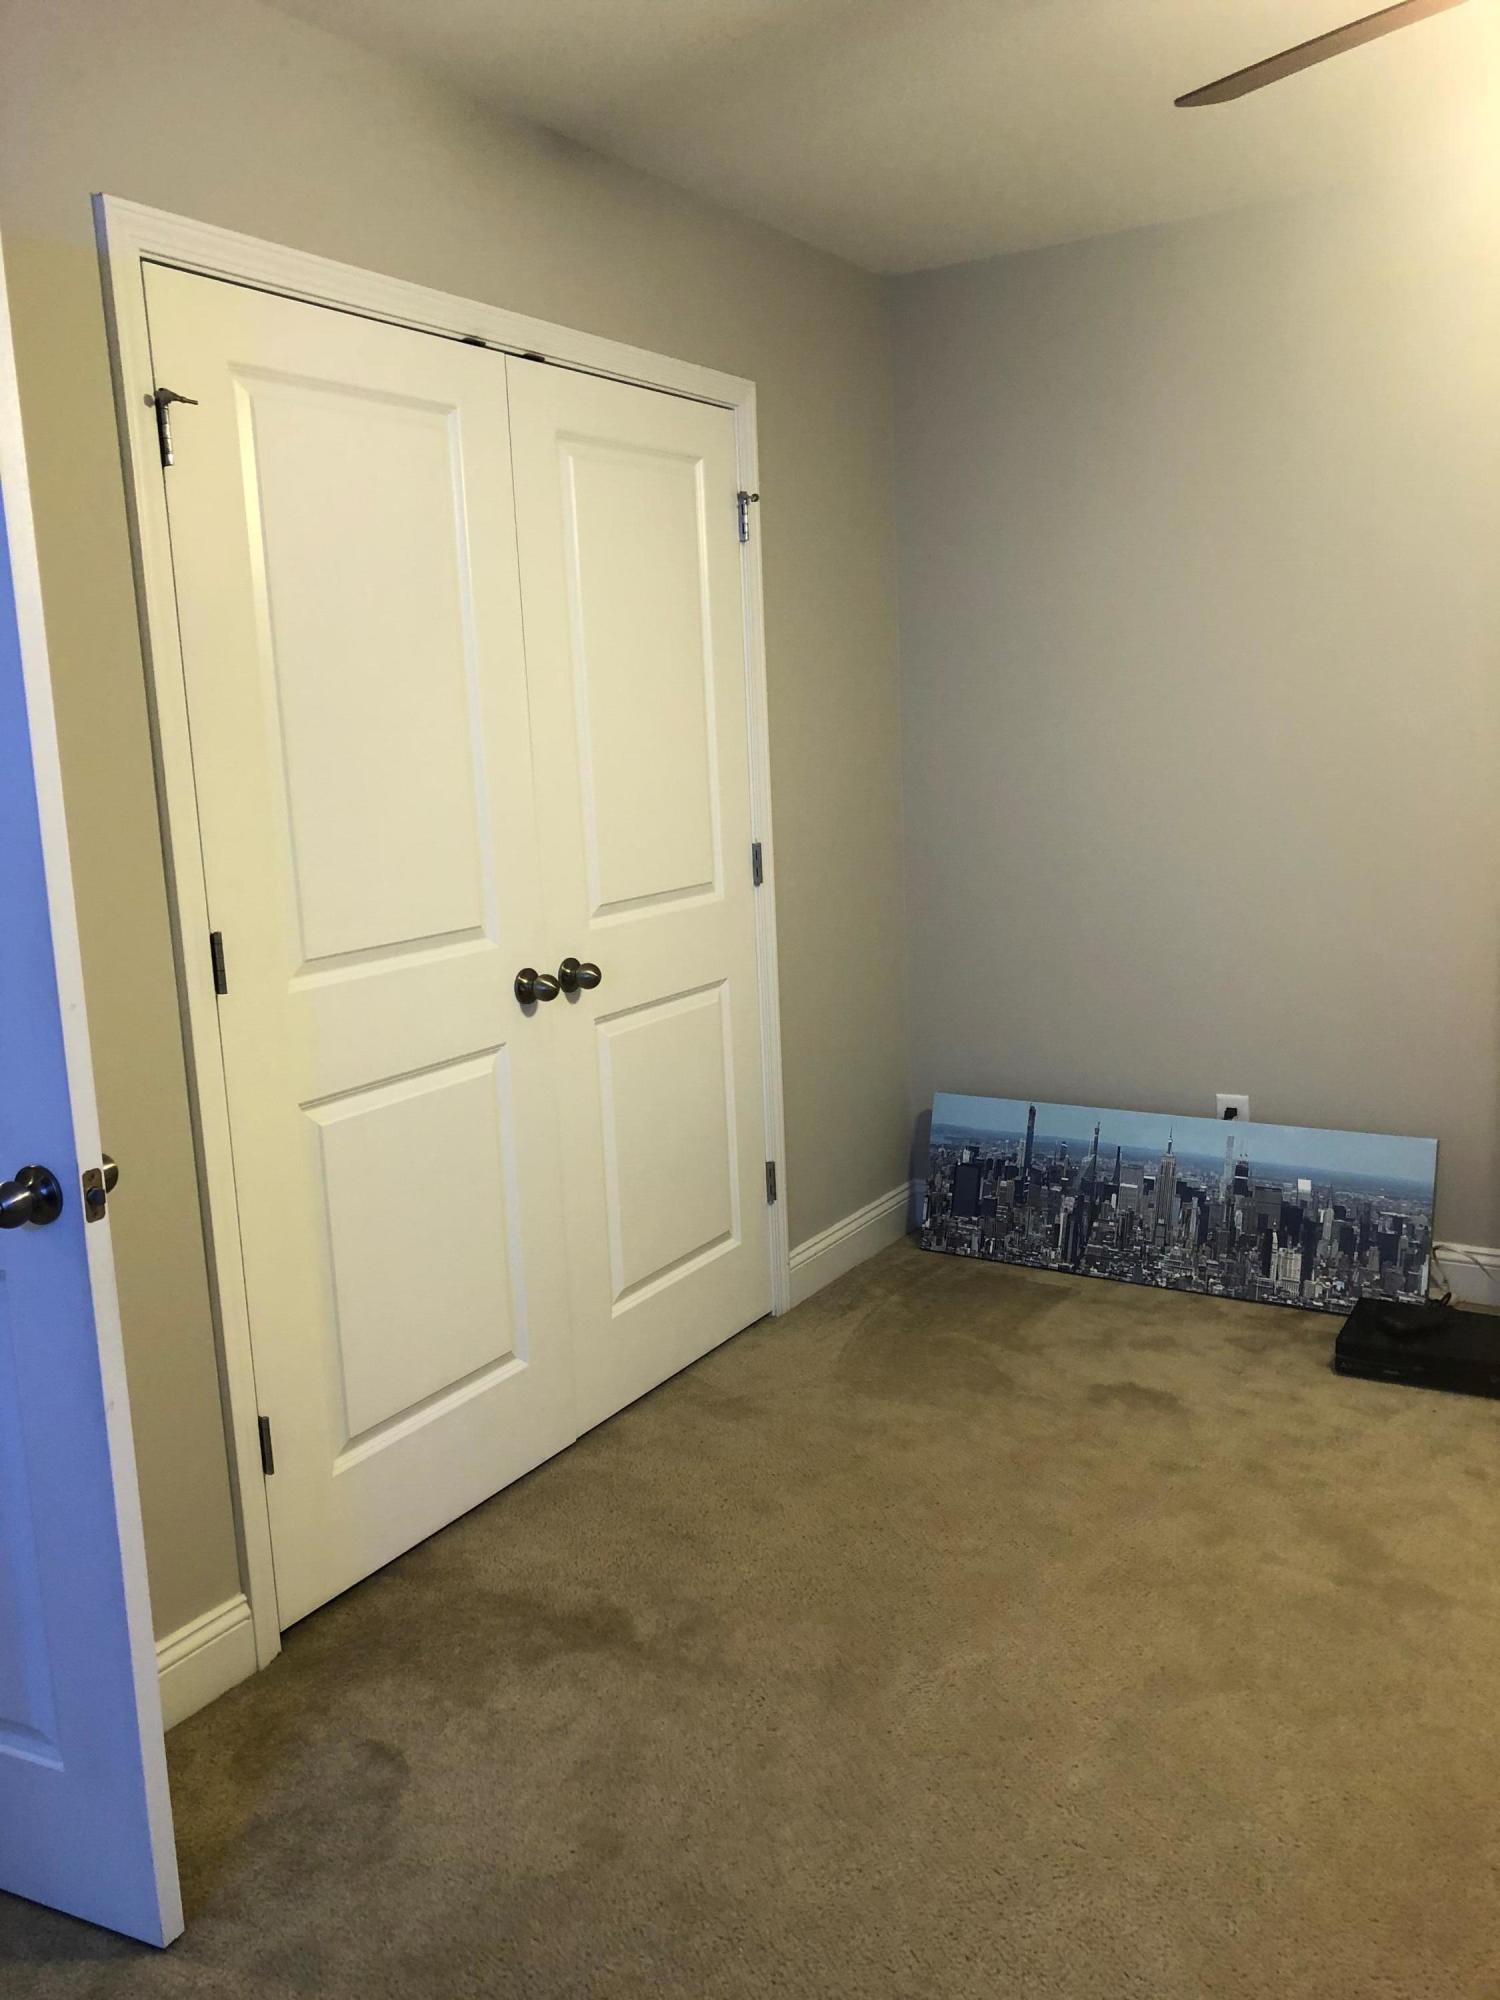 Park West Homes For Sale - 3643 Bagley, Mount Pleasant, SC - 36